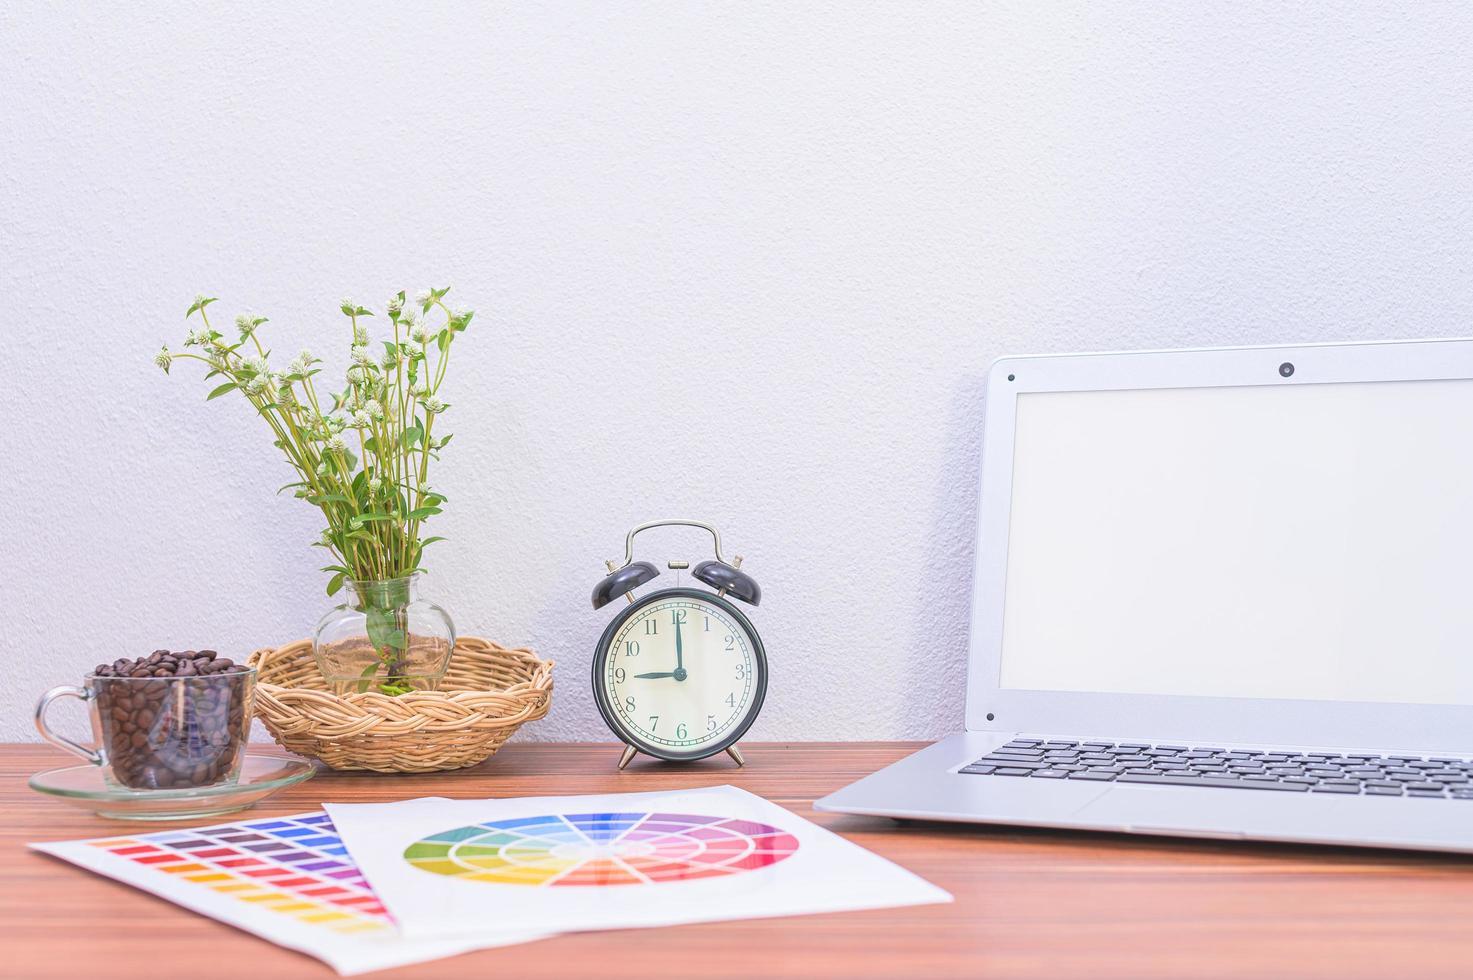 laptop, documenti e fiori sulla scrivania foto